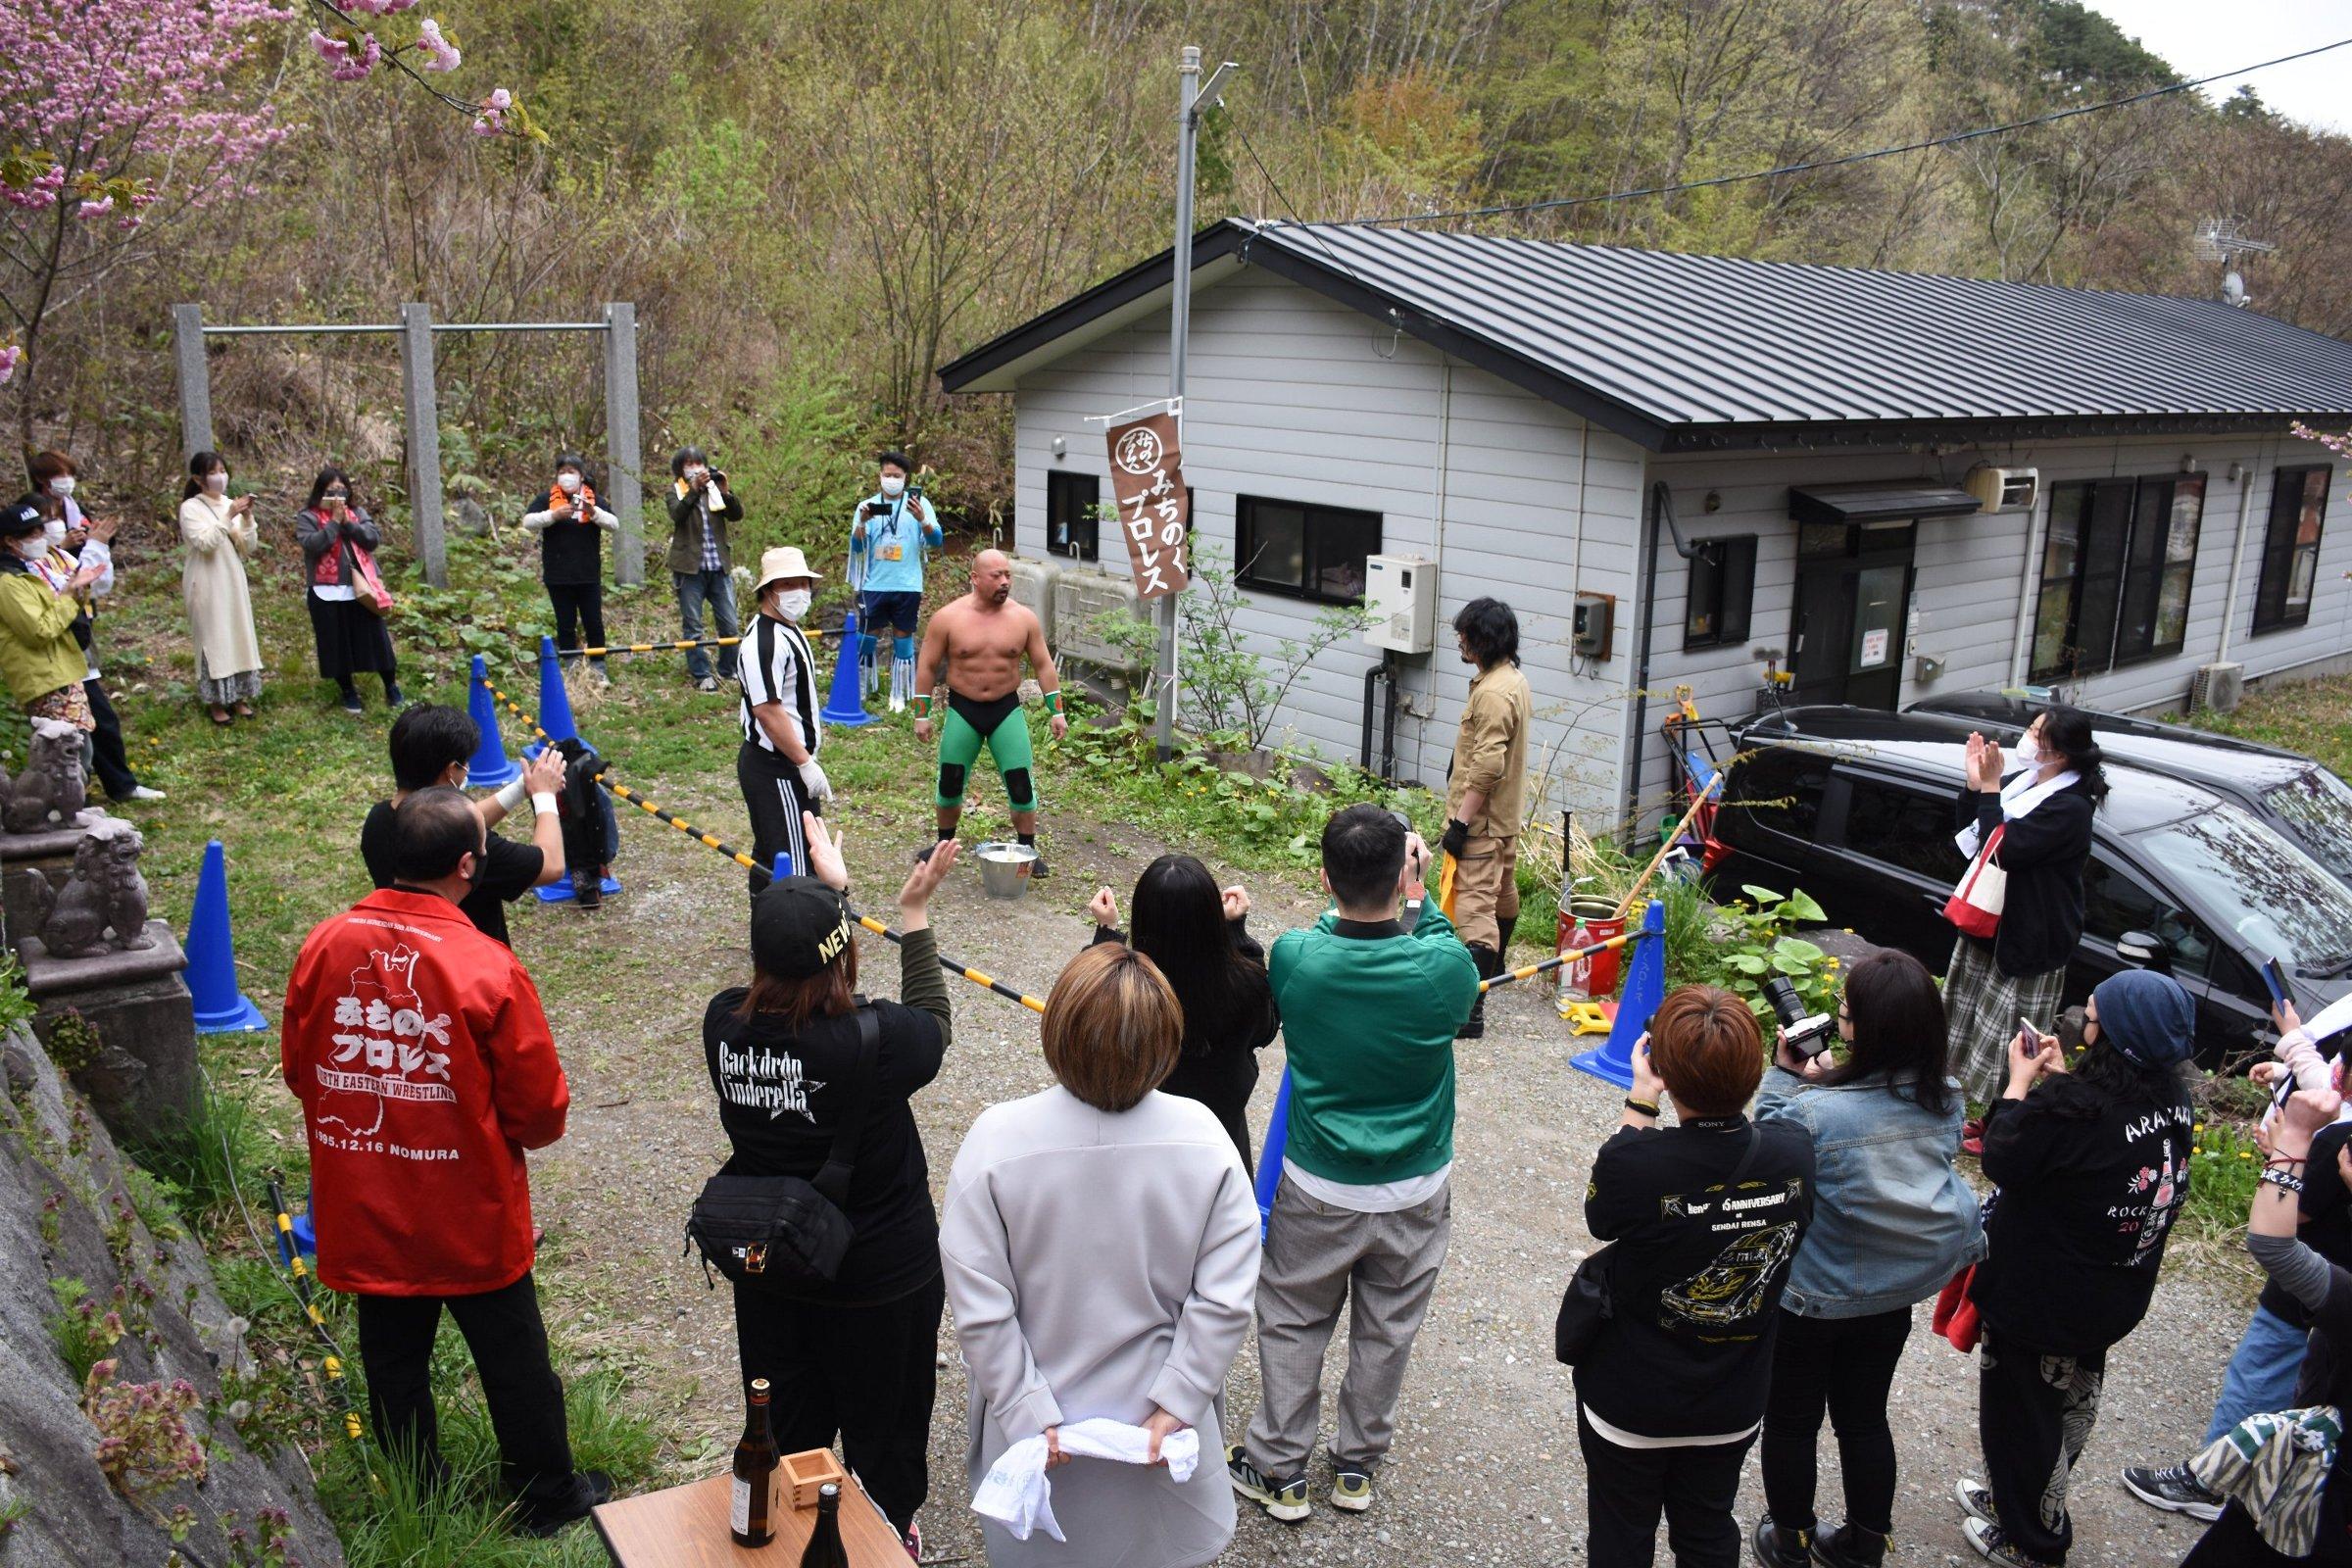 岩手の山奥にあるみちのく道場でおこなわれた狂乱のイベントに熱心なファンが集結